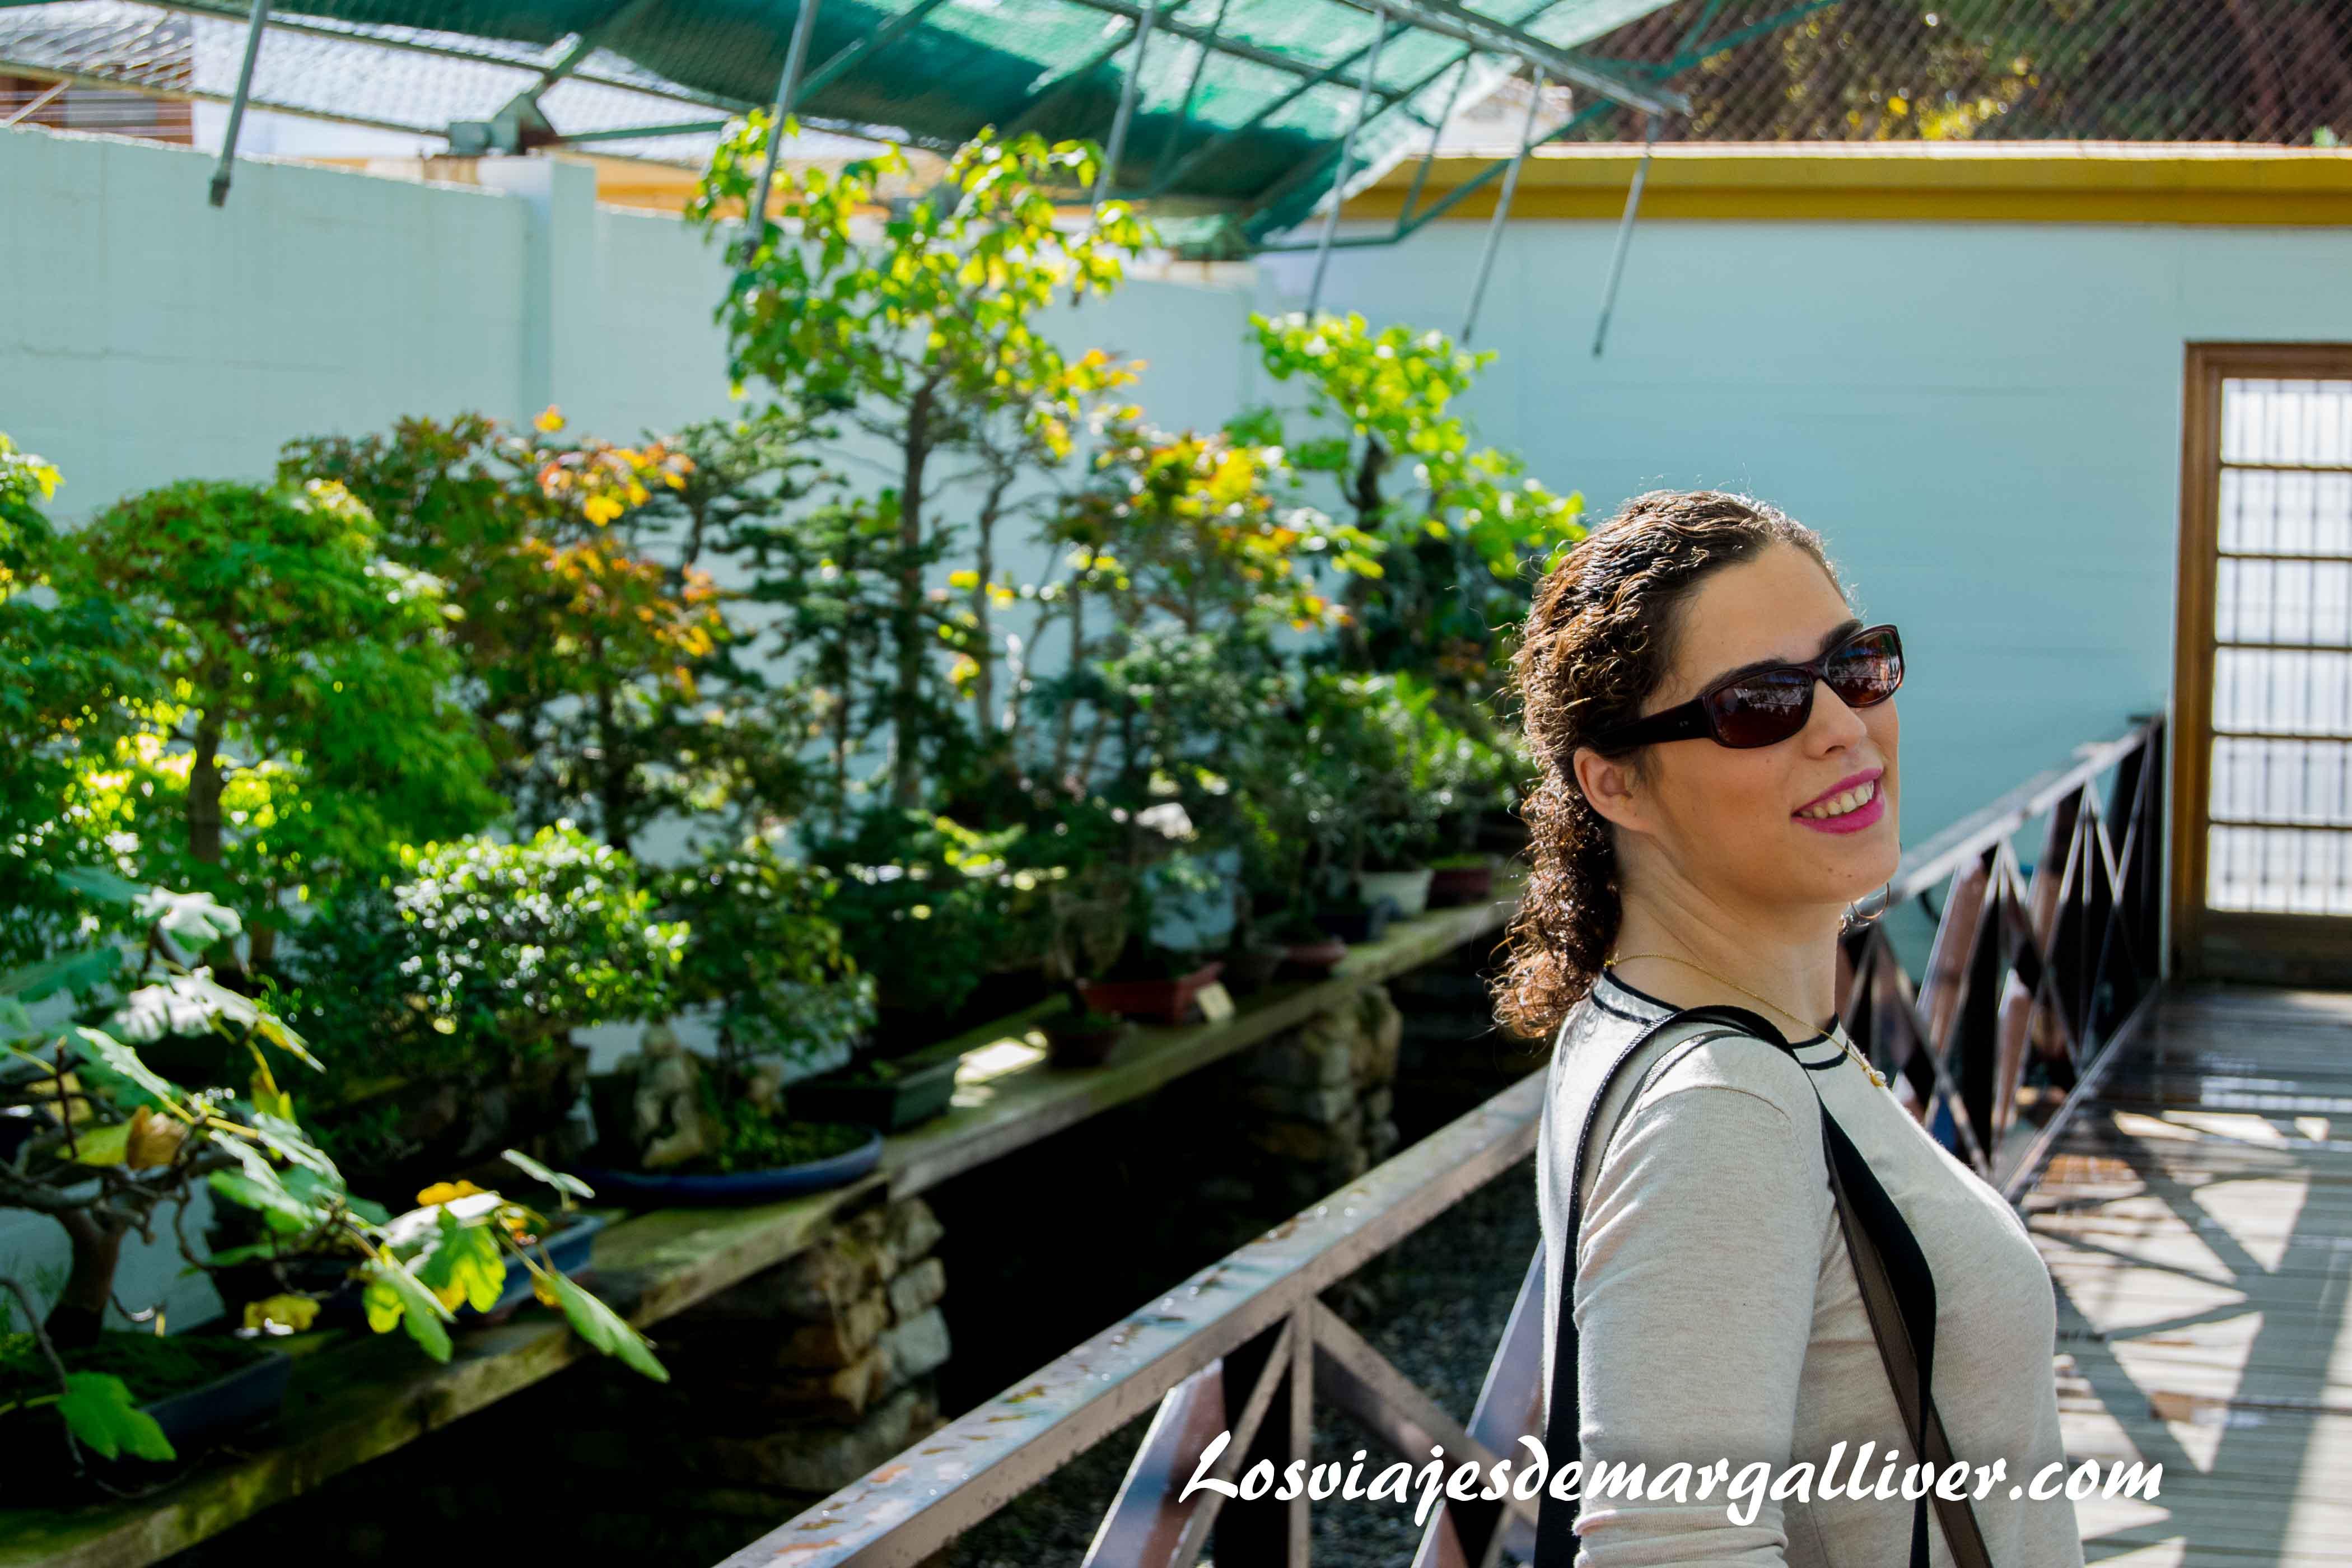 Margalliver en el museo del Bonsai de Marbella - Los viajes de Margalliver